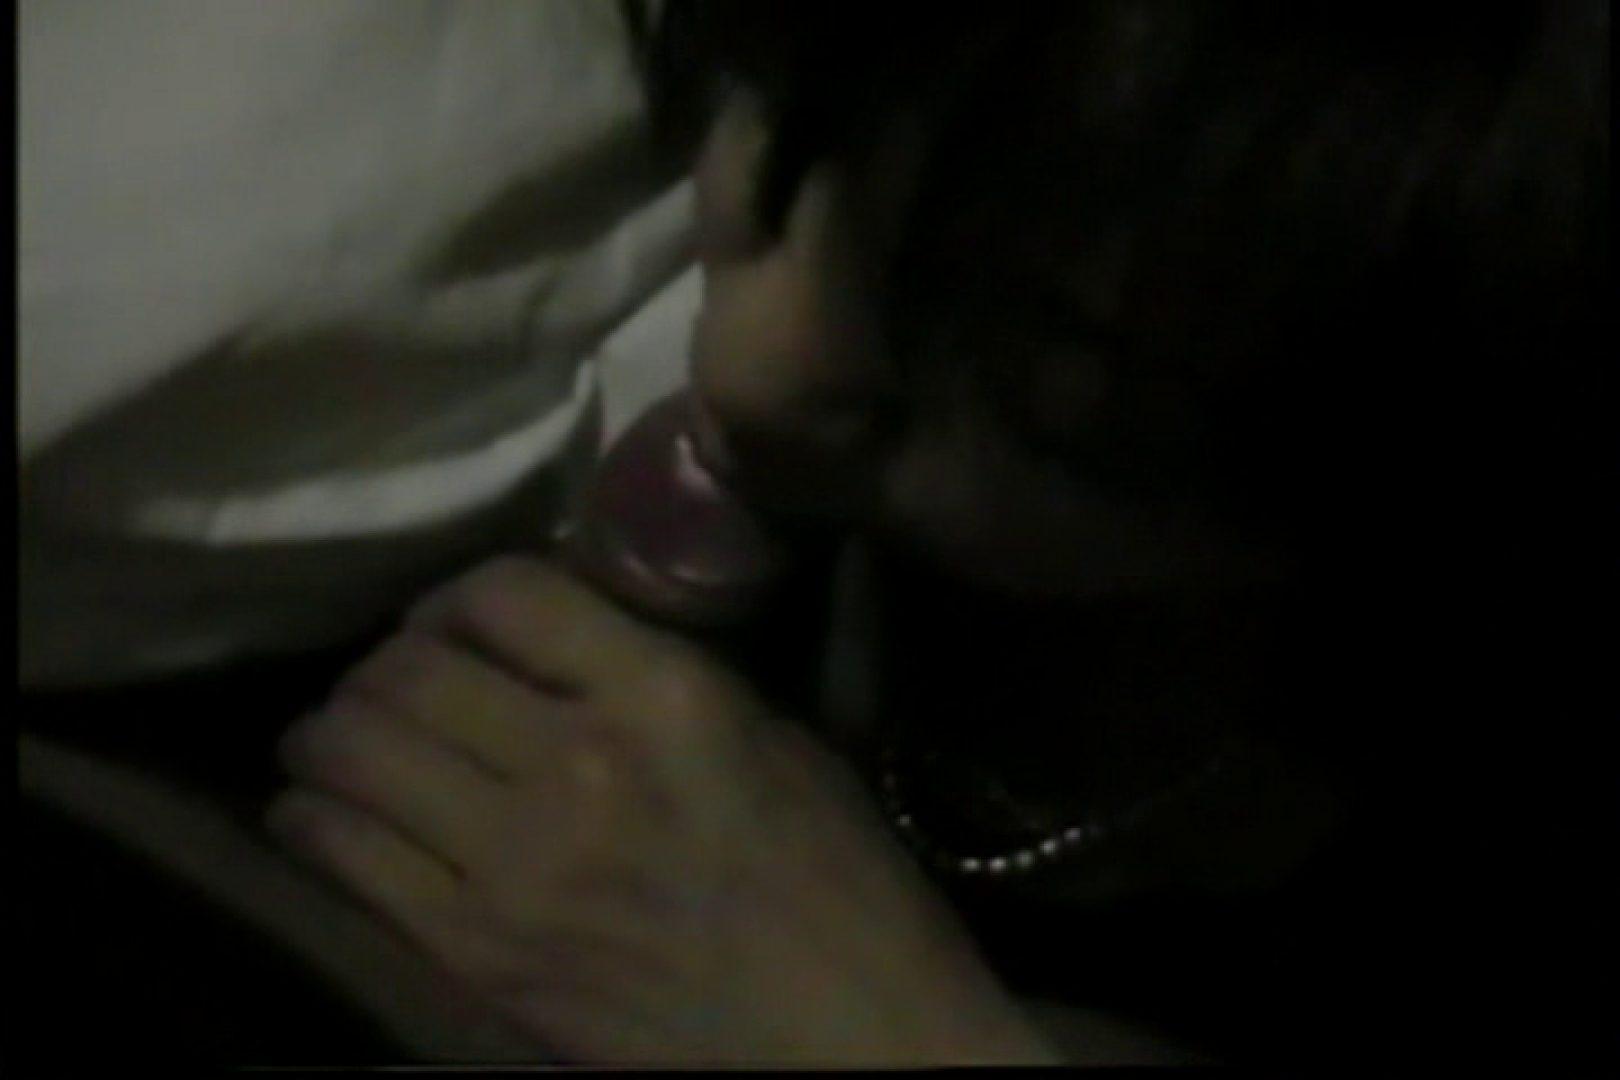 妻と寝台列車にて・・・ フェラチオ SEX無修正画像 102PIX 98